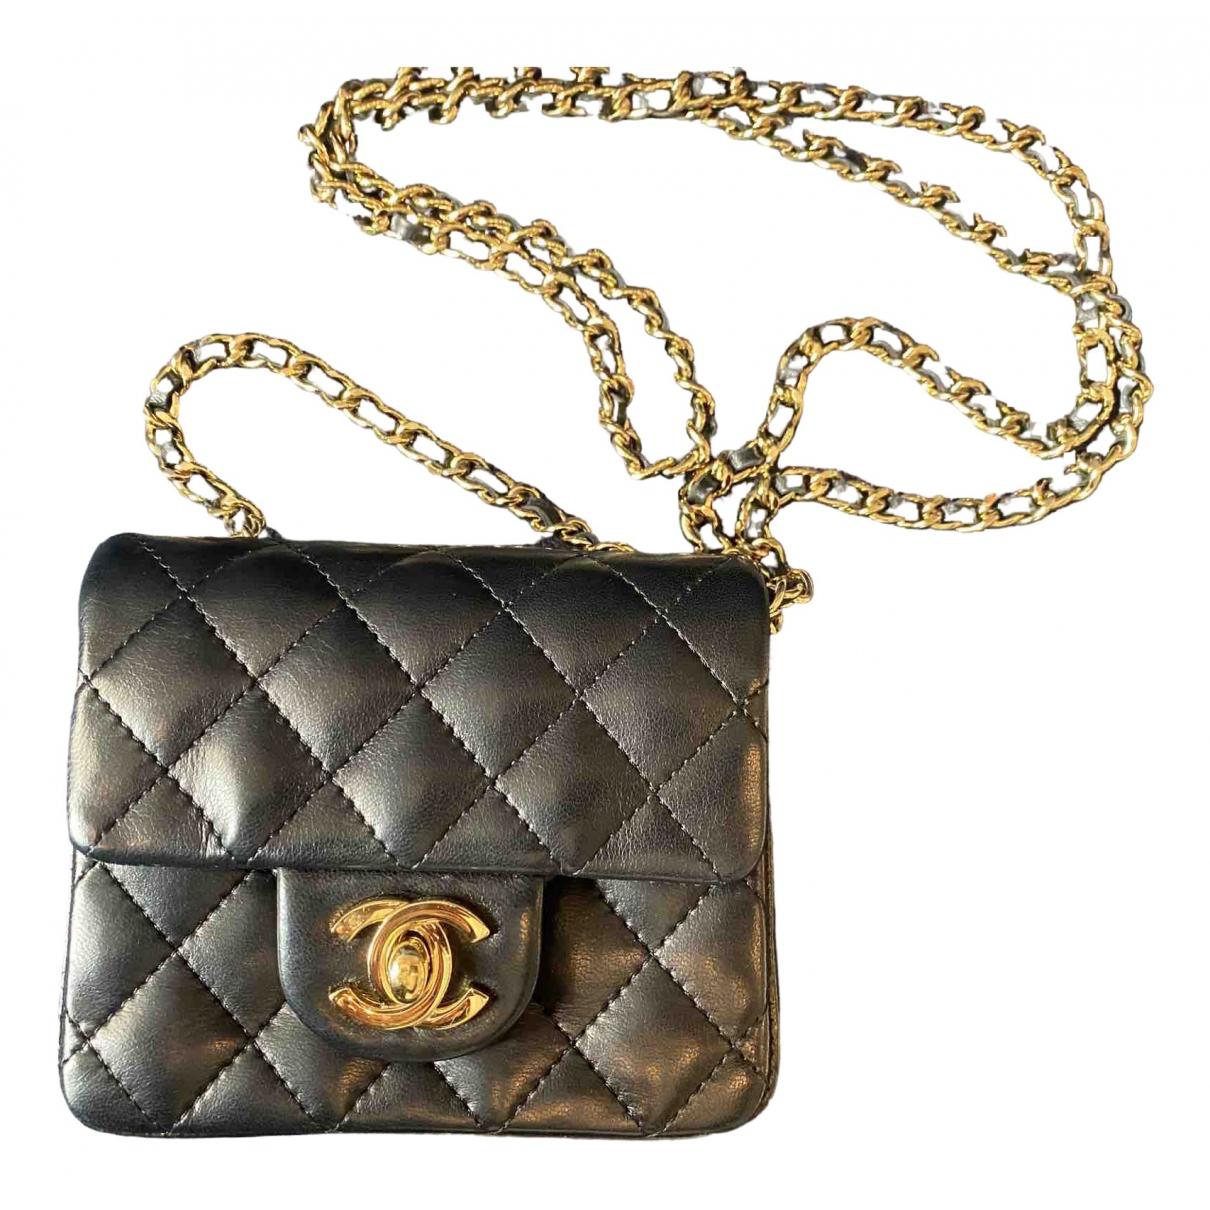 Bandolera 2.55 de Cuero Chanel